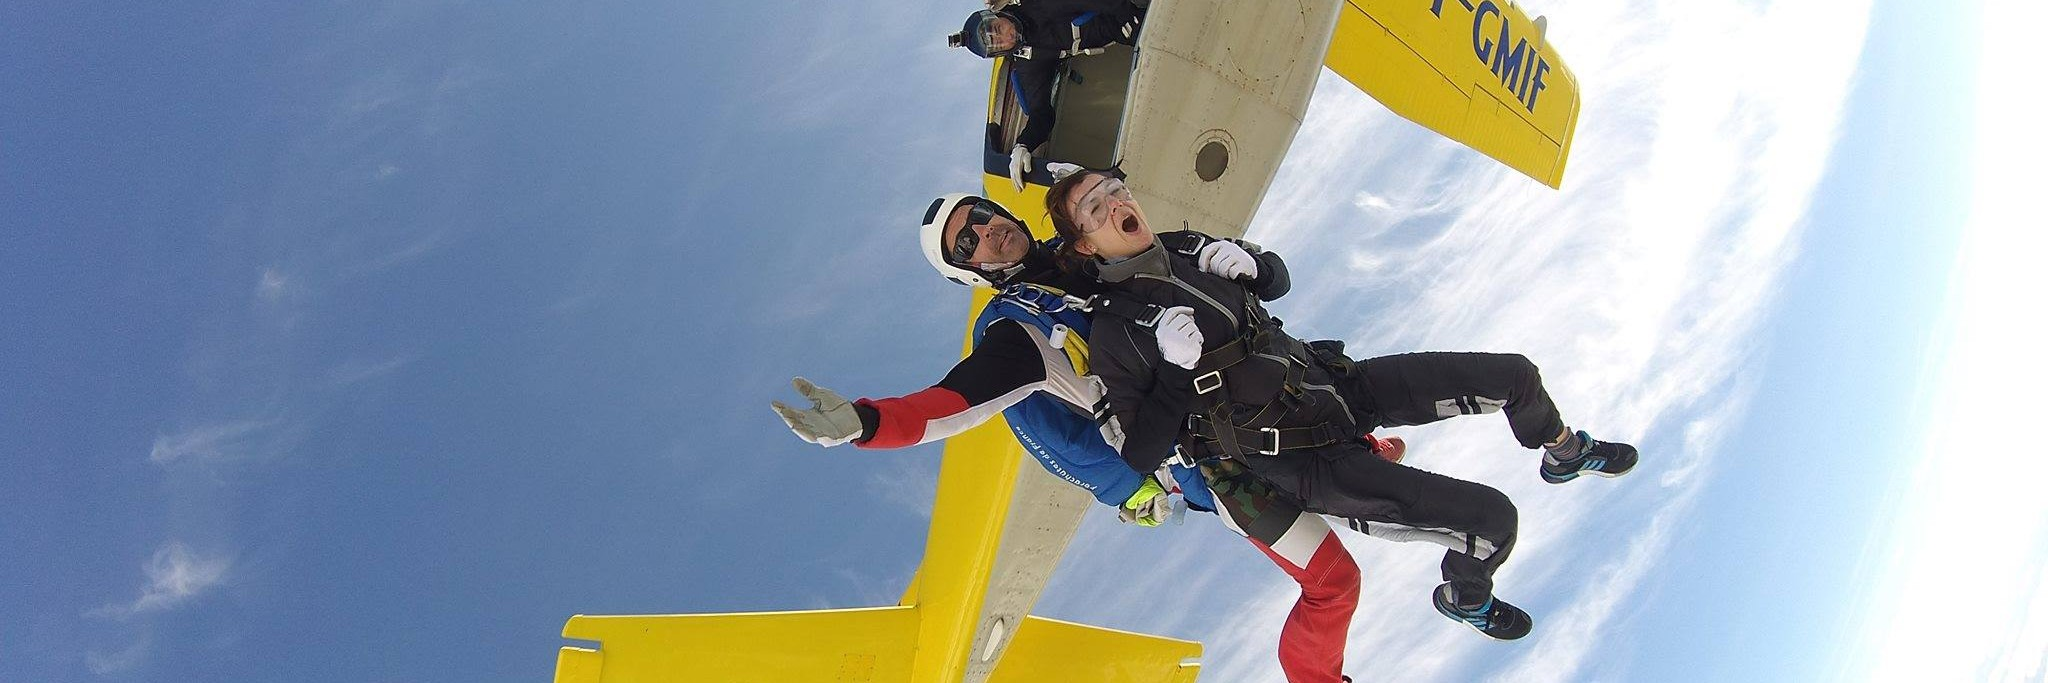 saut en parachute 38